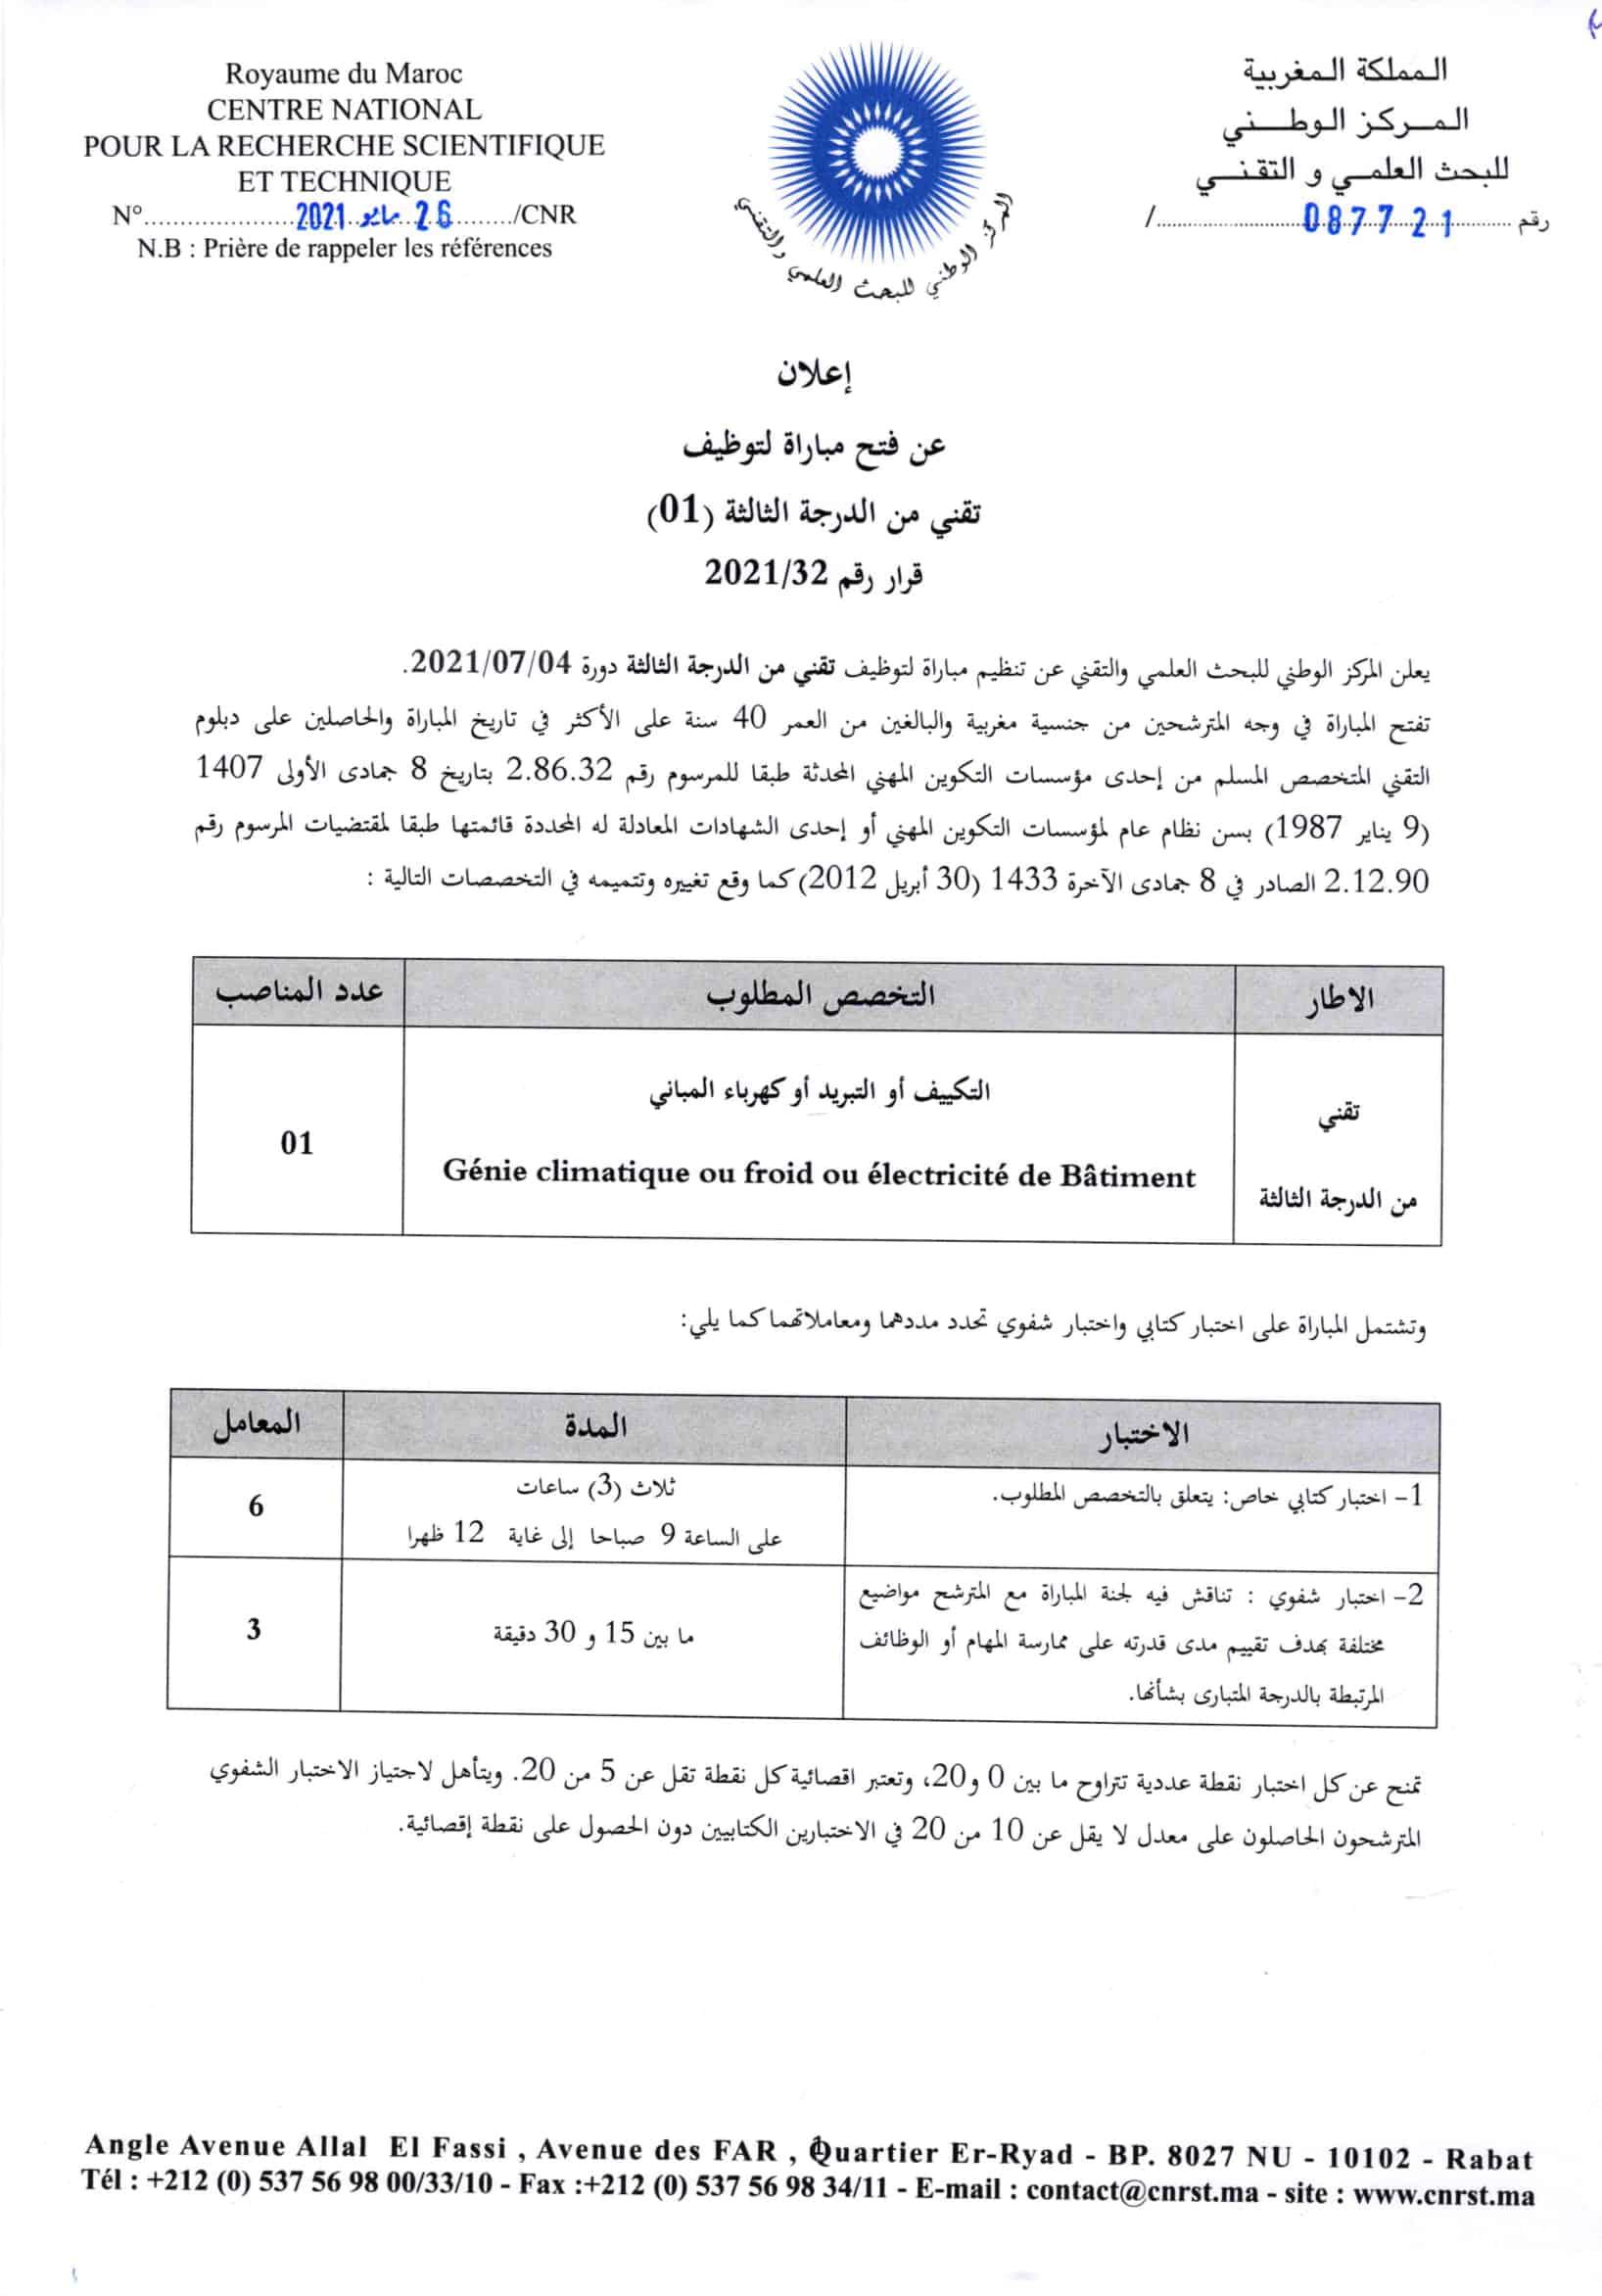 technicien3grade 1 Liste des Convoqués Concours de Recrutement CNRST 2021 (7 Postes)